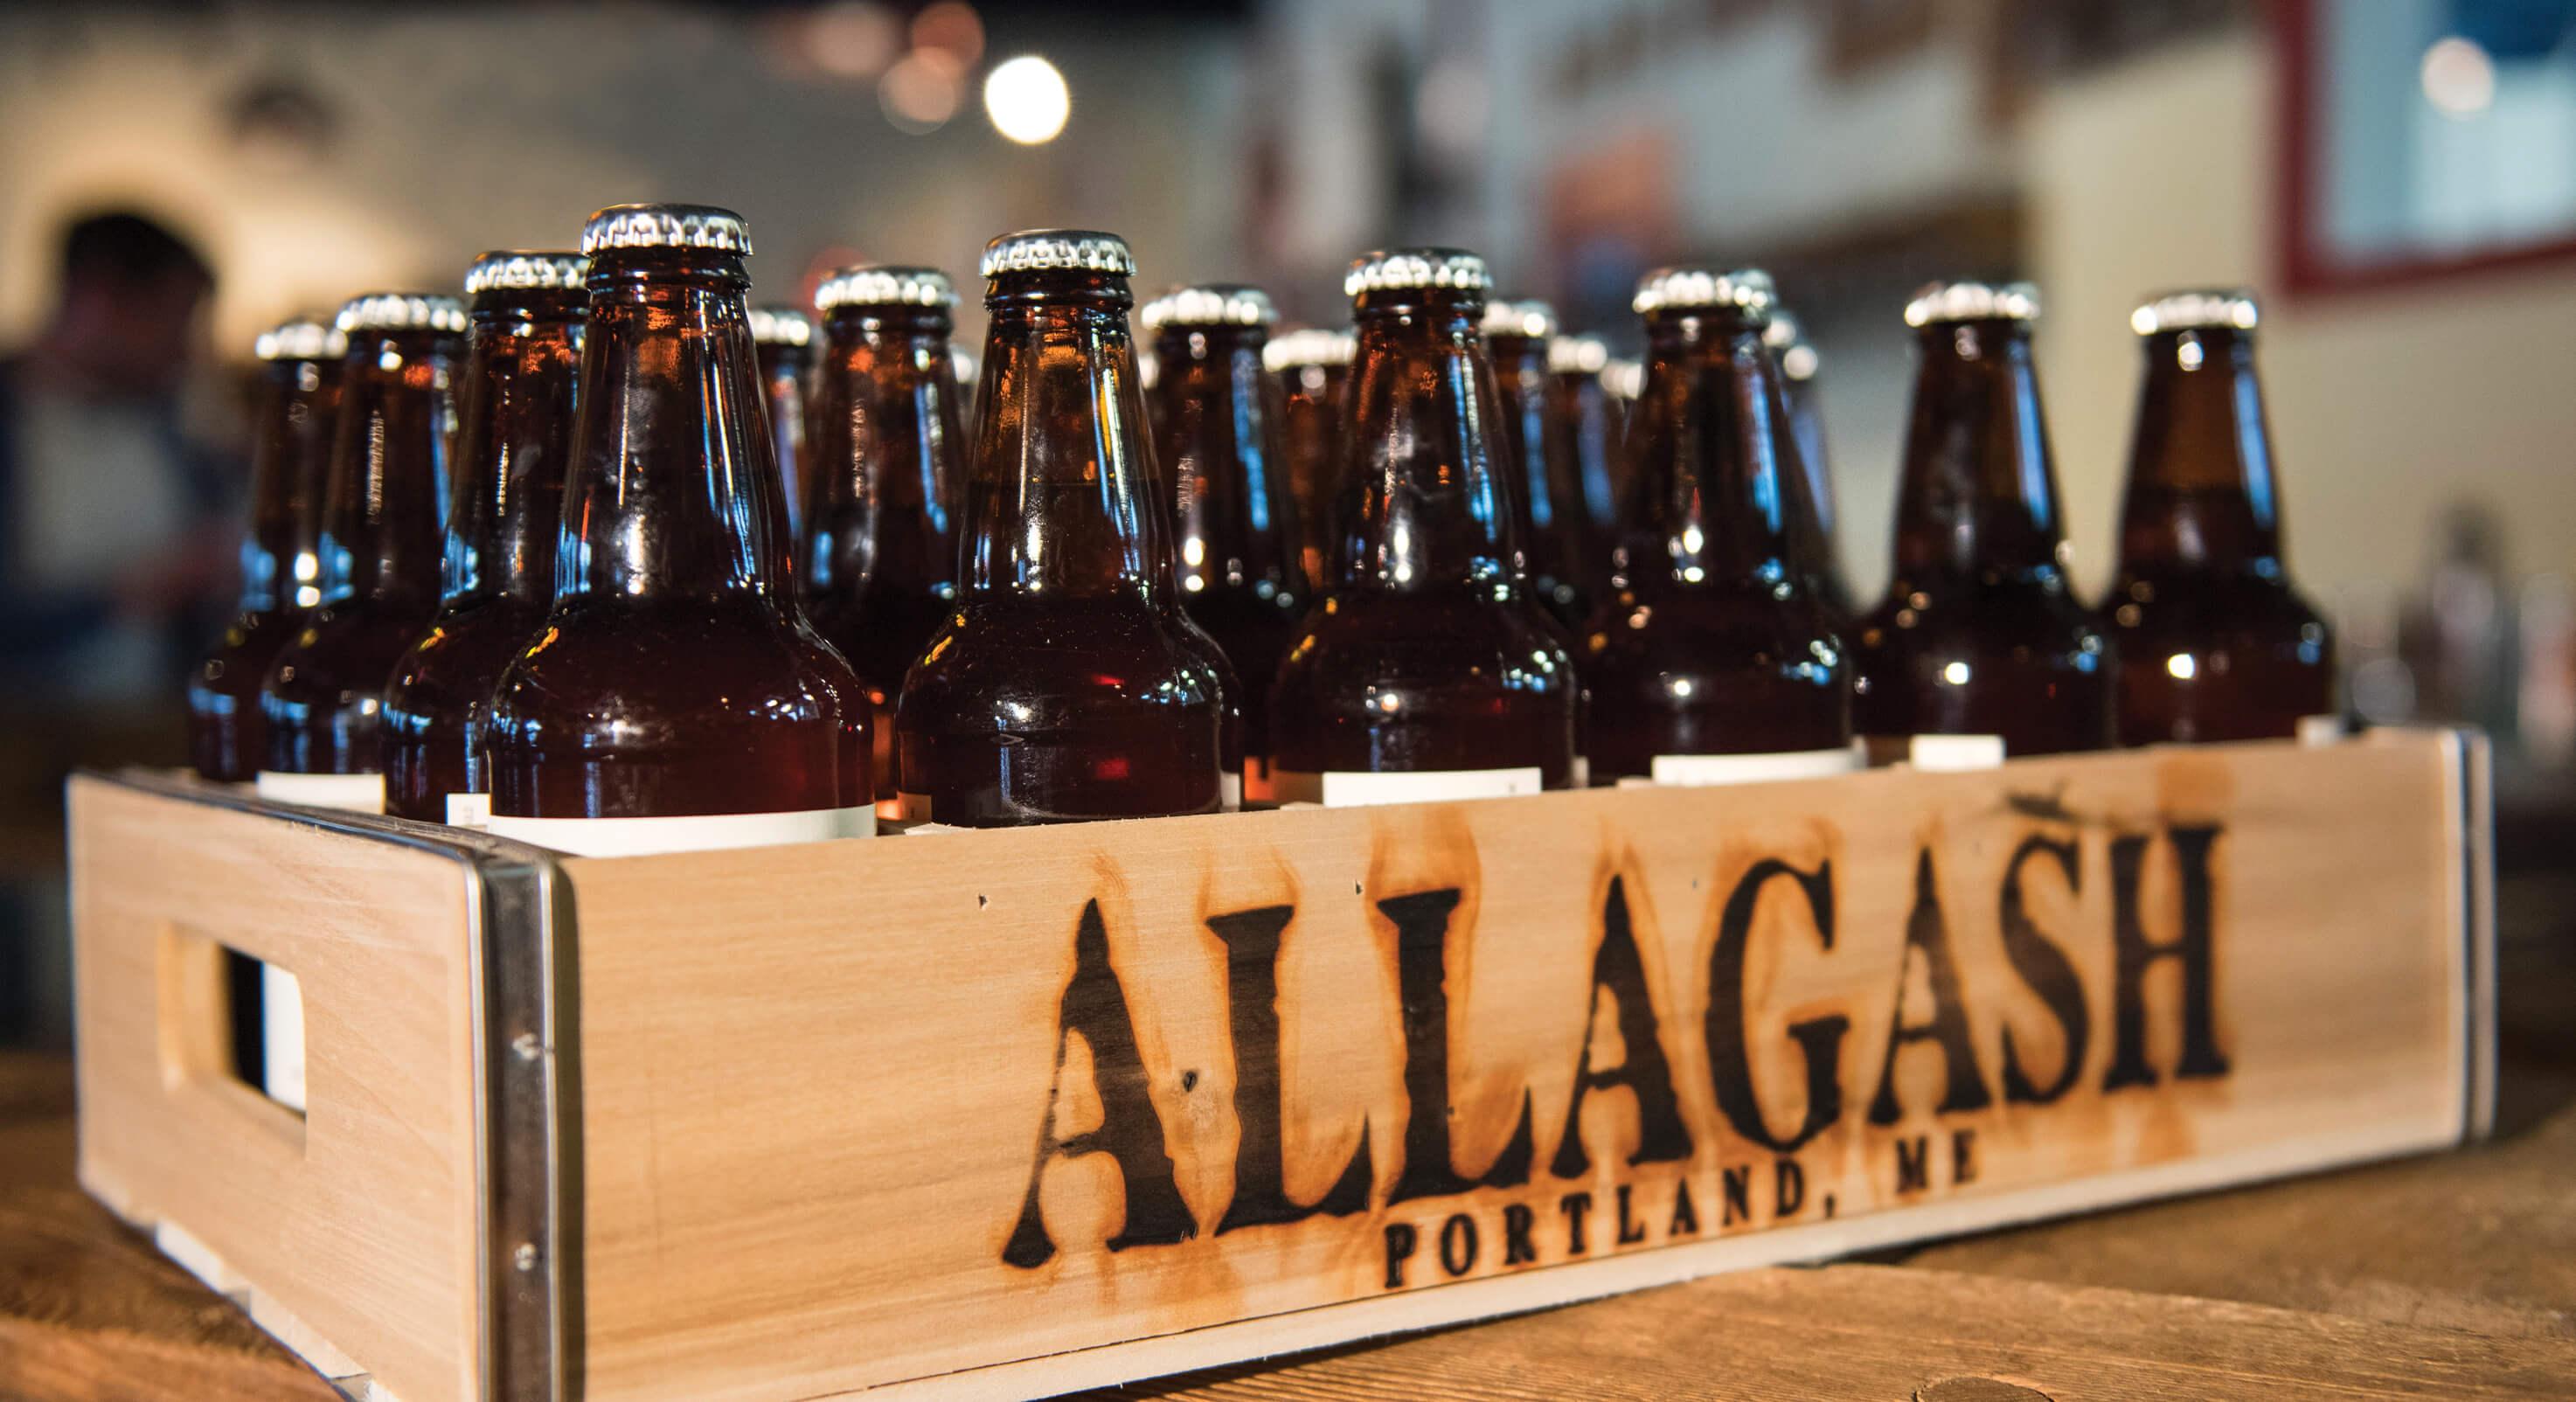 Allagash-beer-bottles